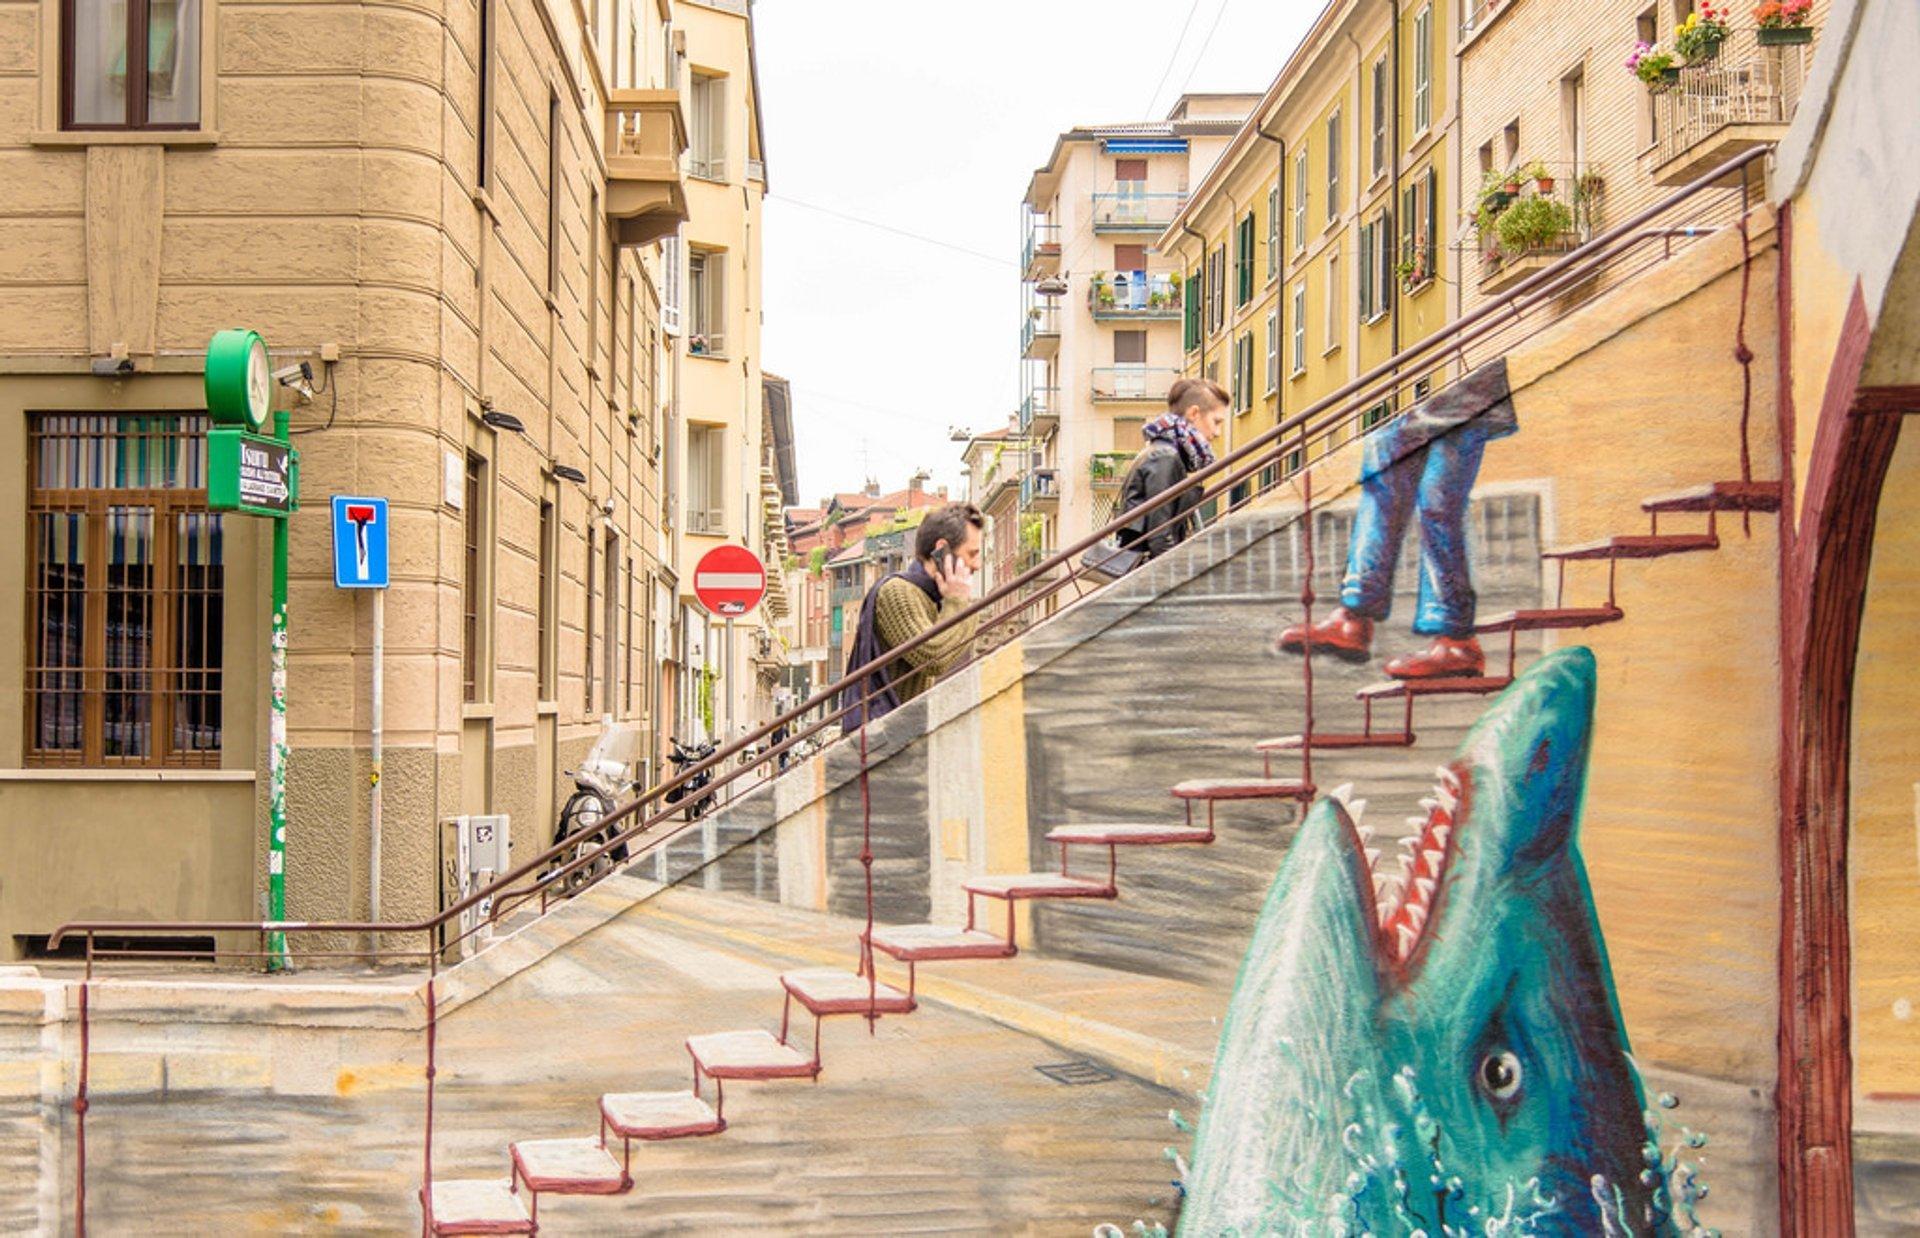 Isola Street Art in Milan 2019 - Best Time